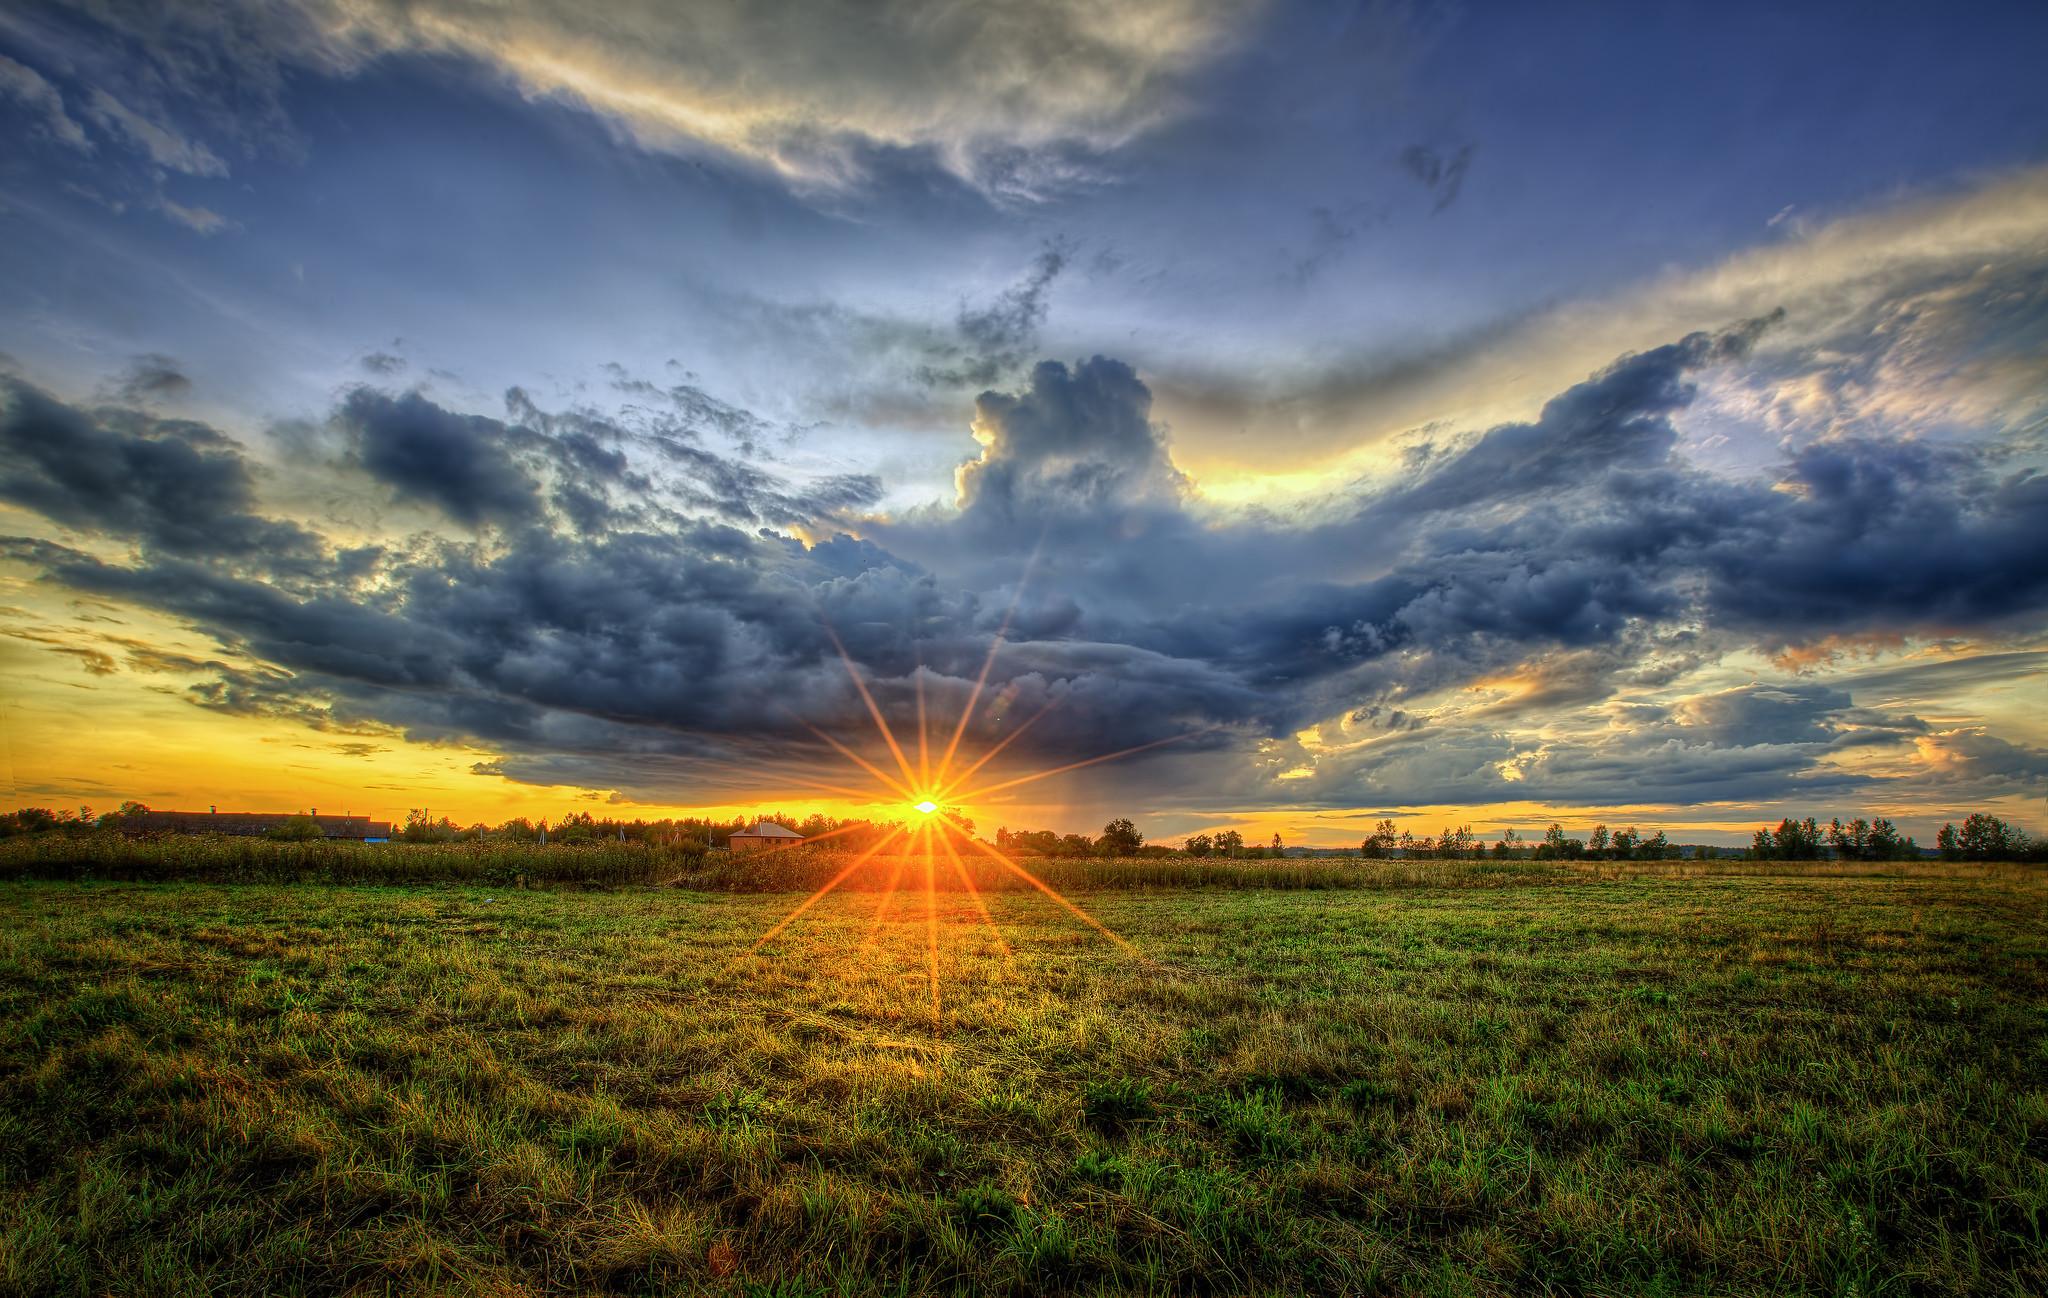 стоит солнце и поле фото его таким образом